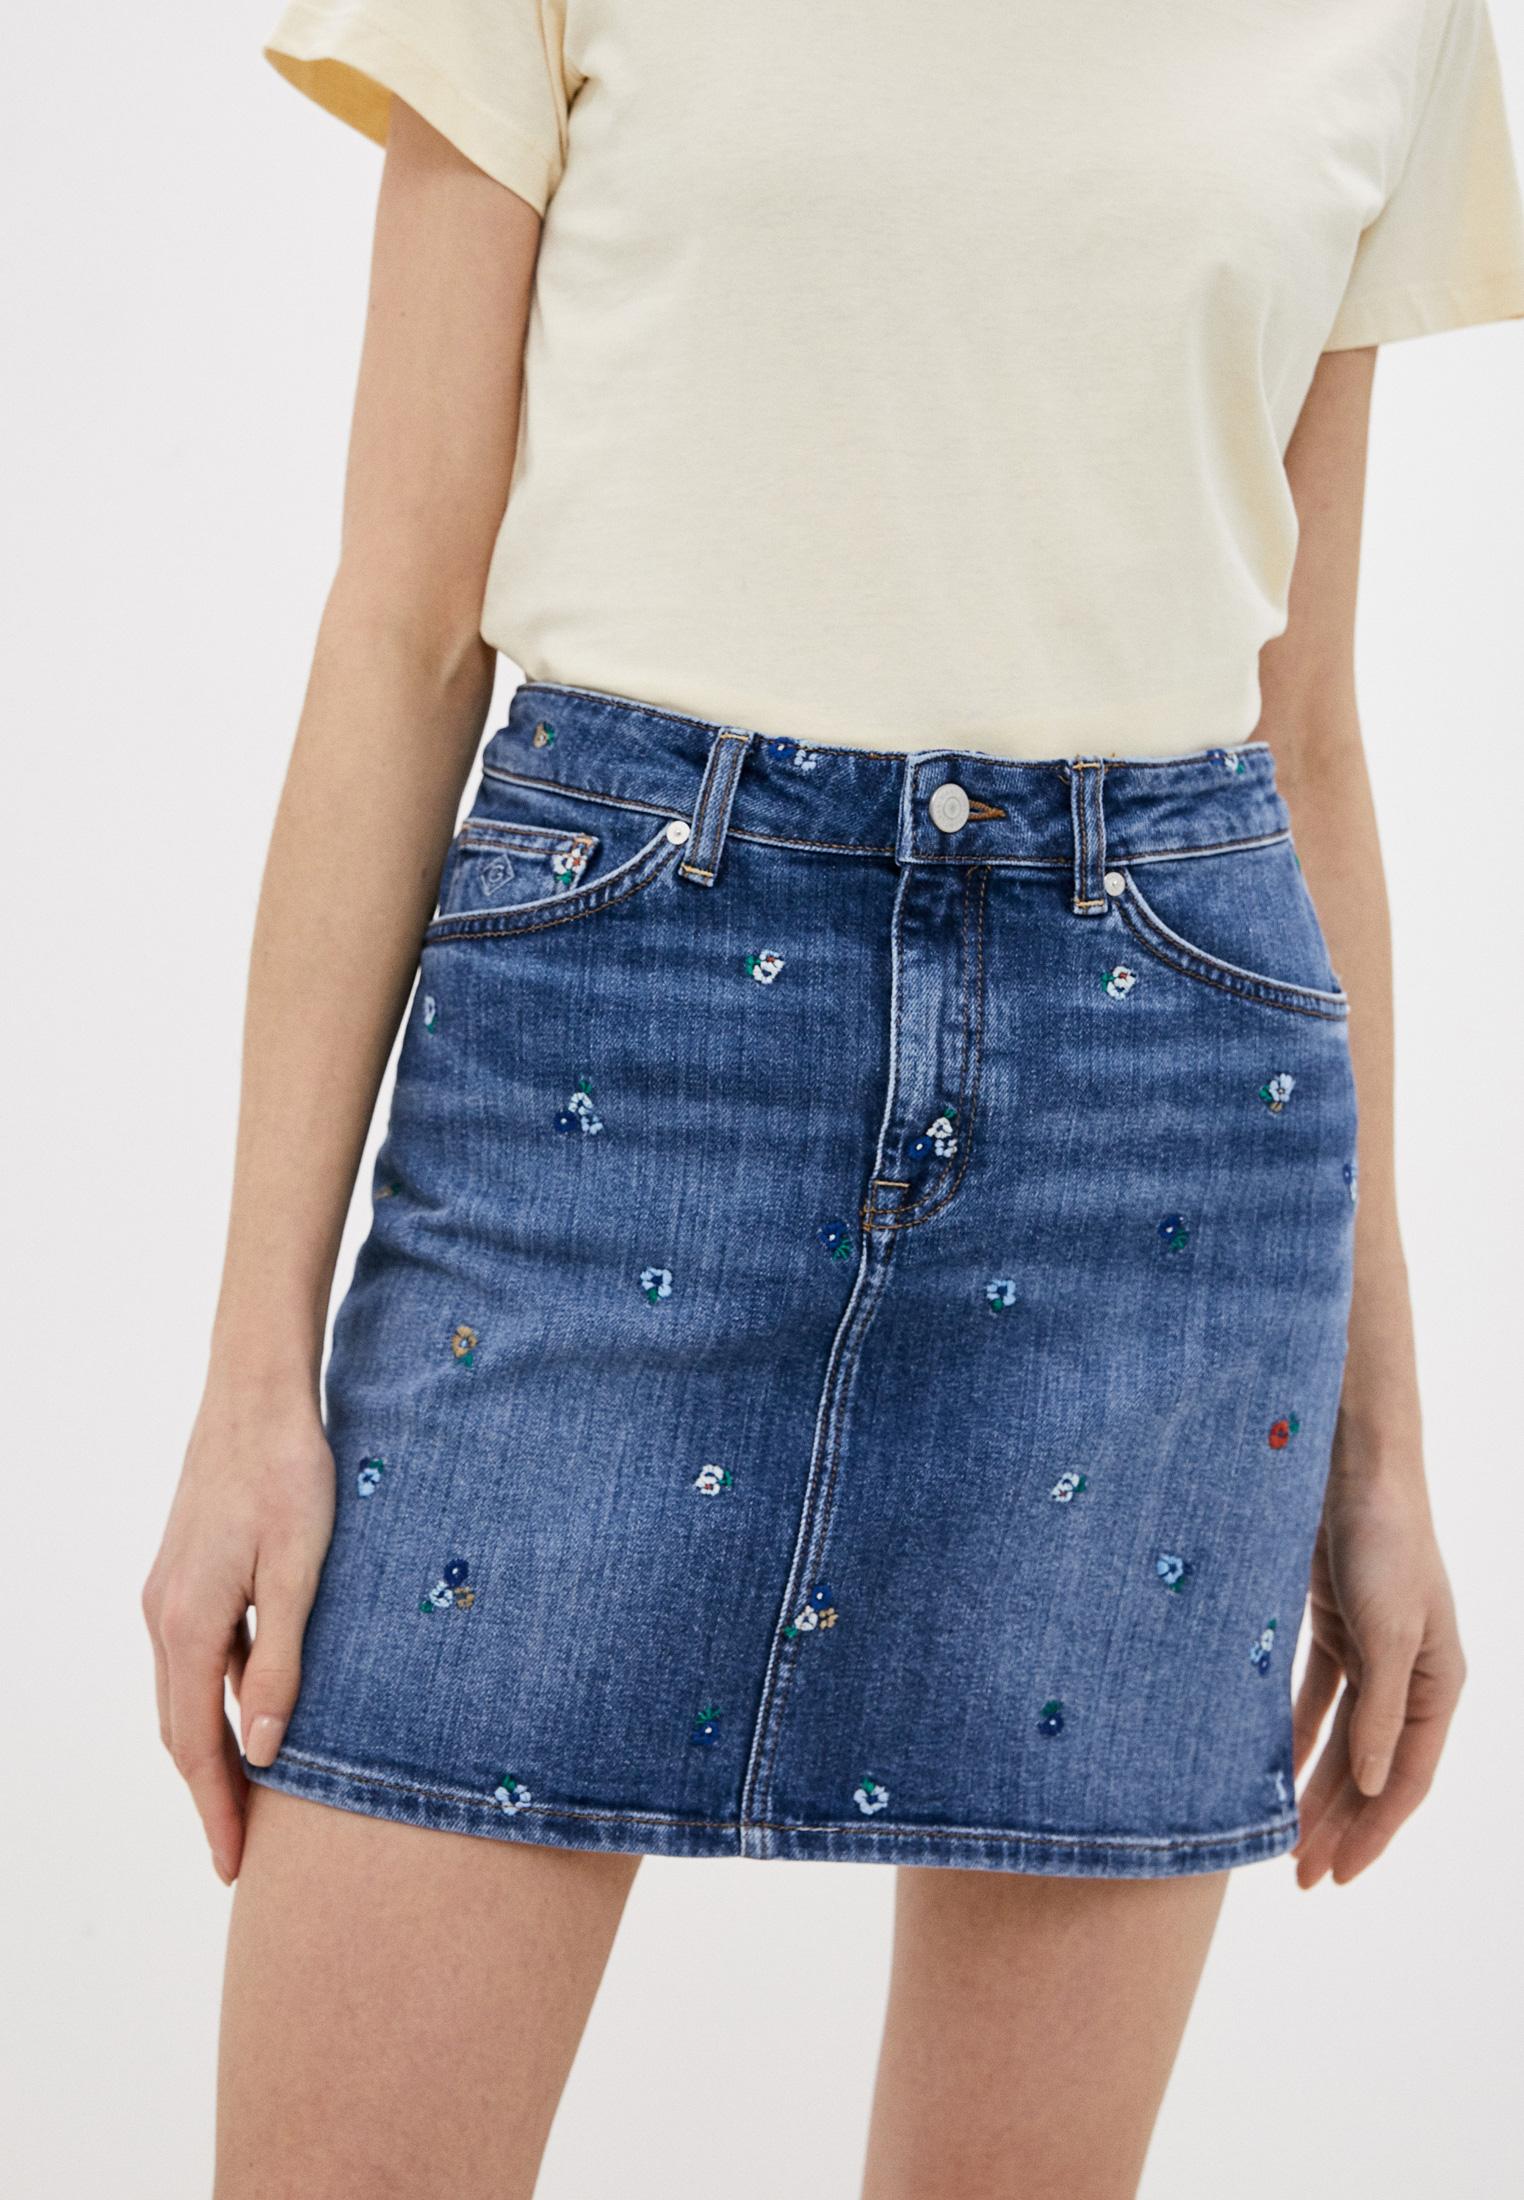 Джинсовая юбка Gant (Гант) Юбка джинсовая Gant